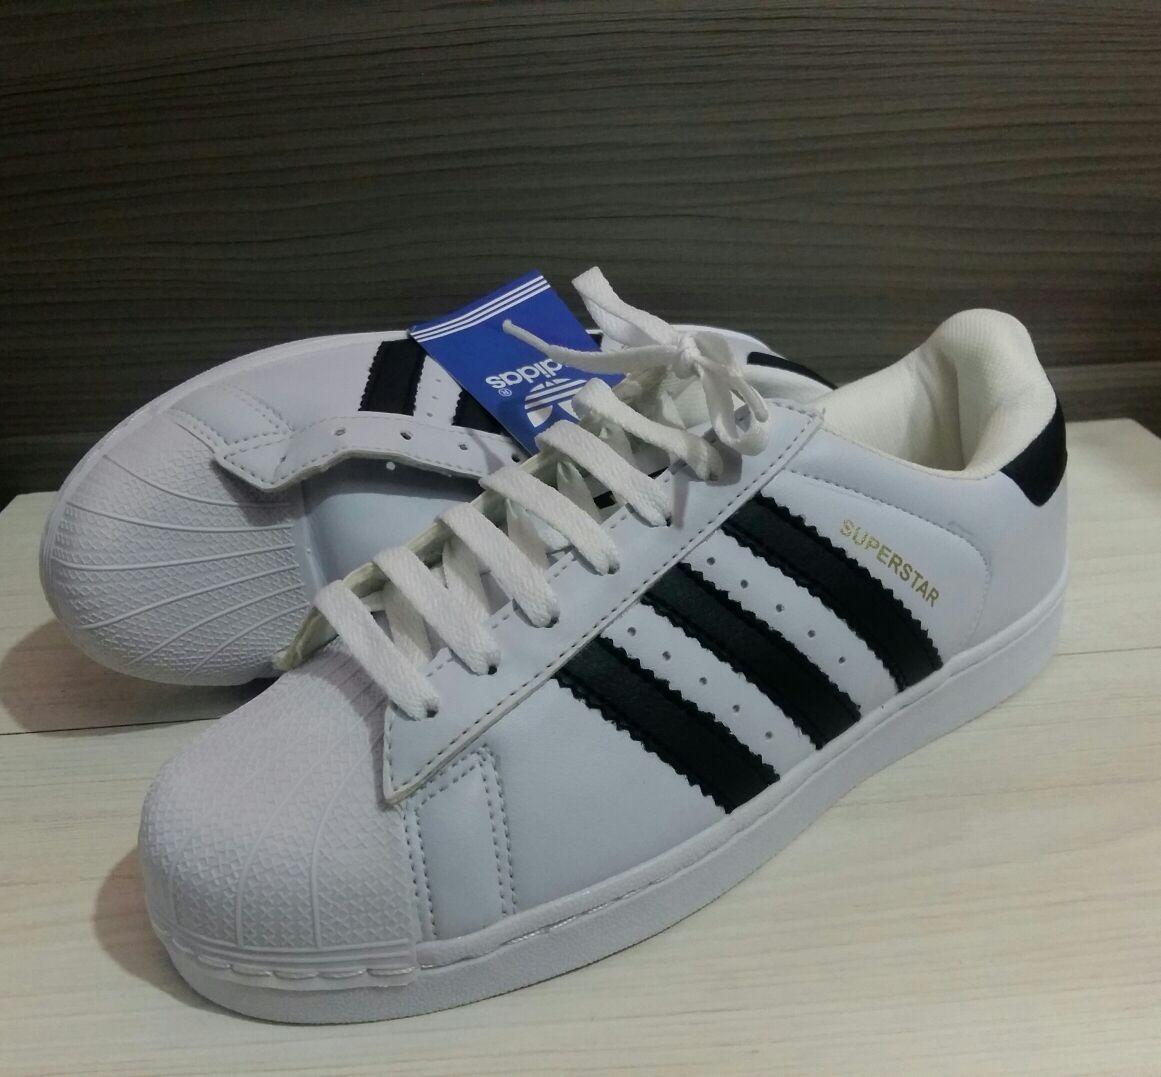 Rayas Con Zapatillas Unisex Adidas Imitación If6vYyb7g